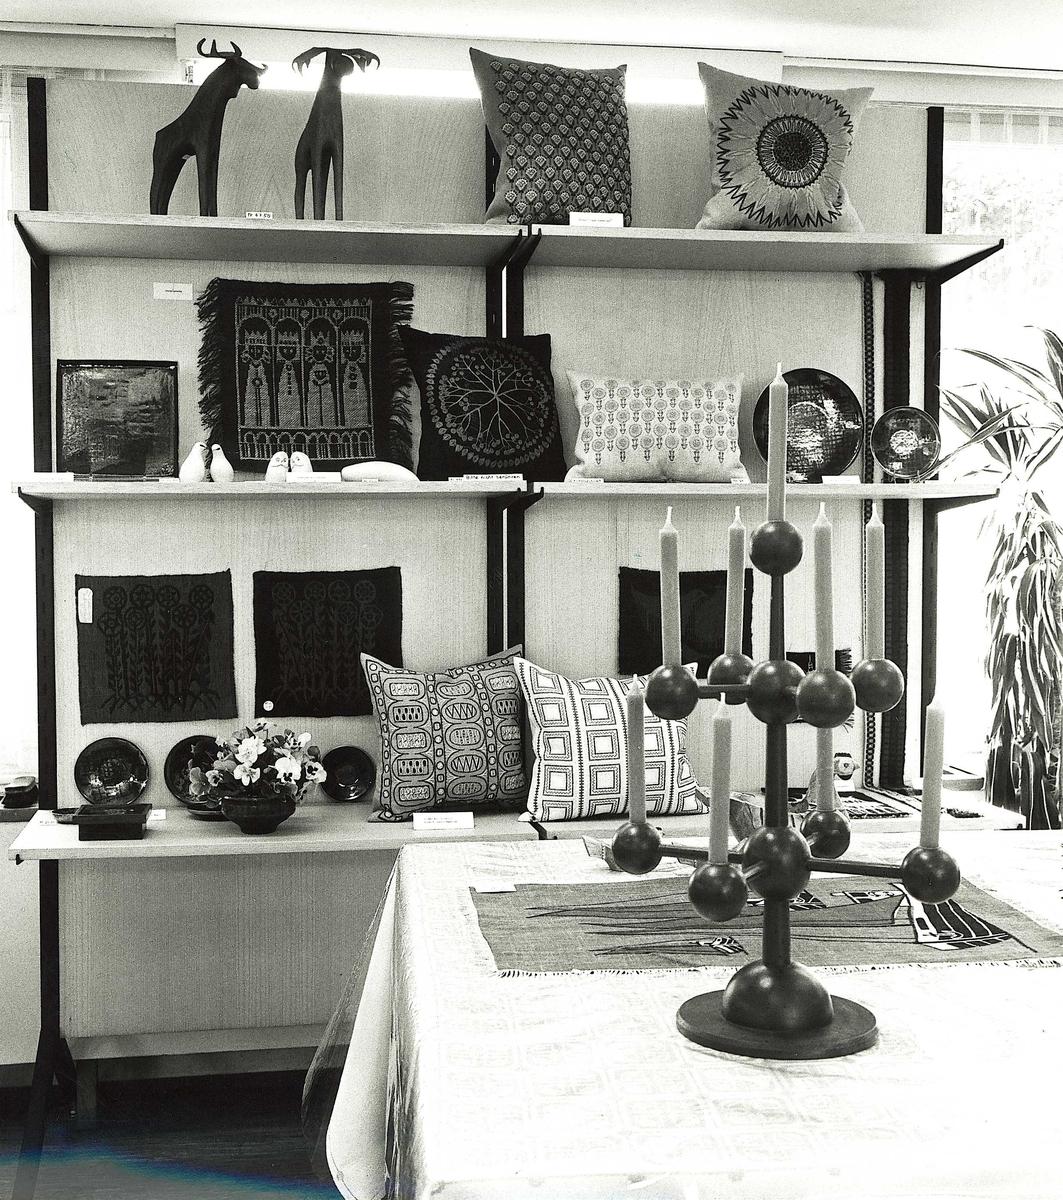 Utstilling av tekstiler, trearbeider og keramikk.